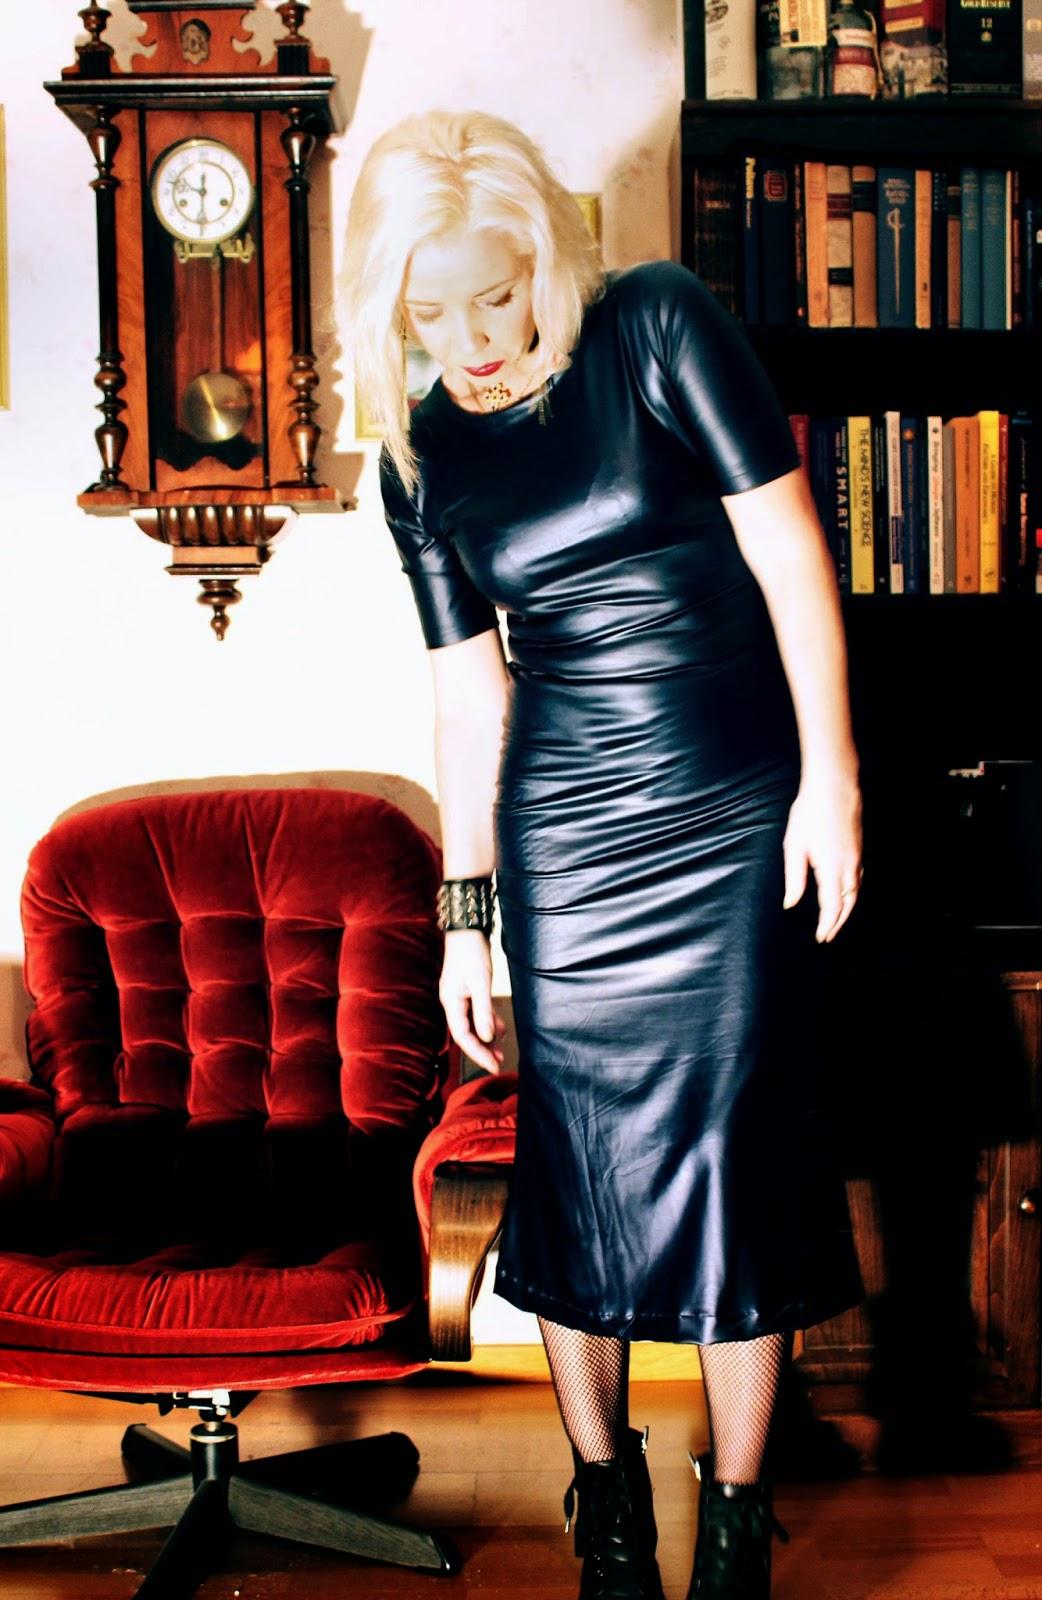 093e6f59c1fb Till denna klänning sydde jag en blå medaljonghalsband av sammet.